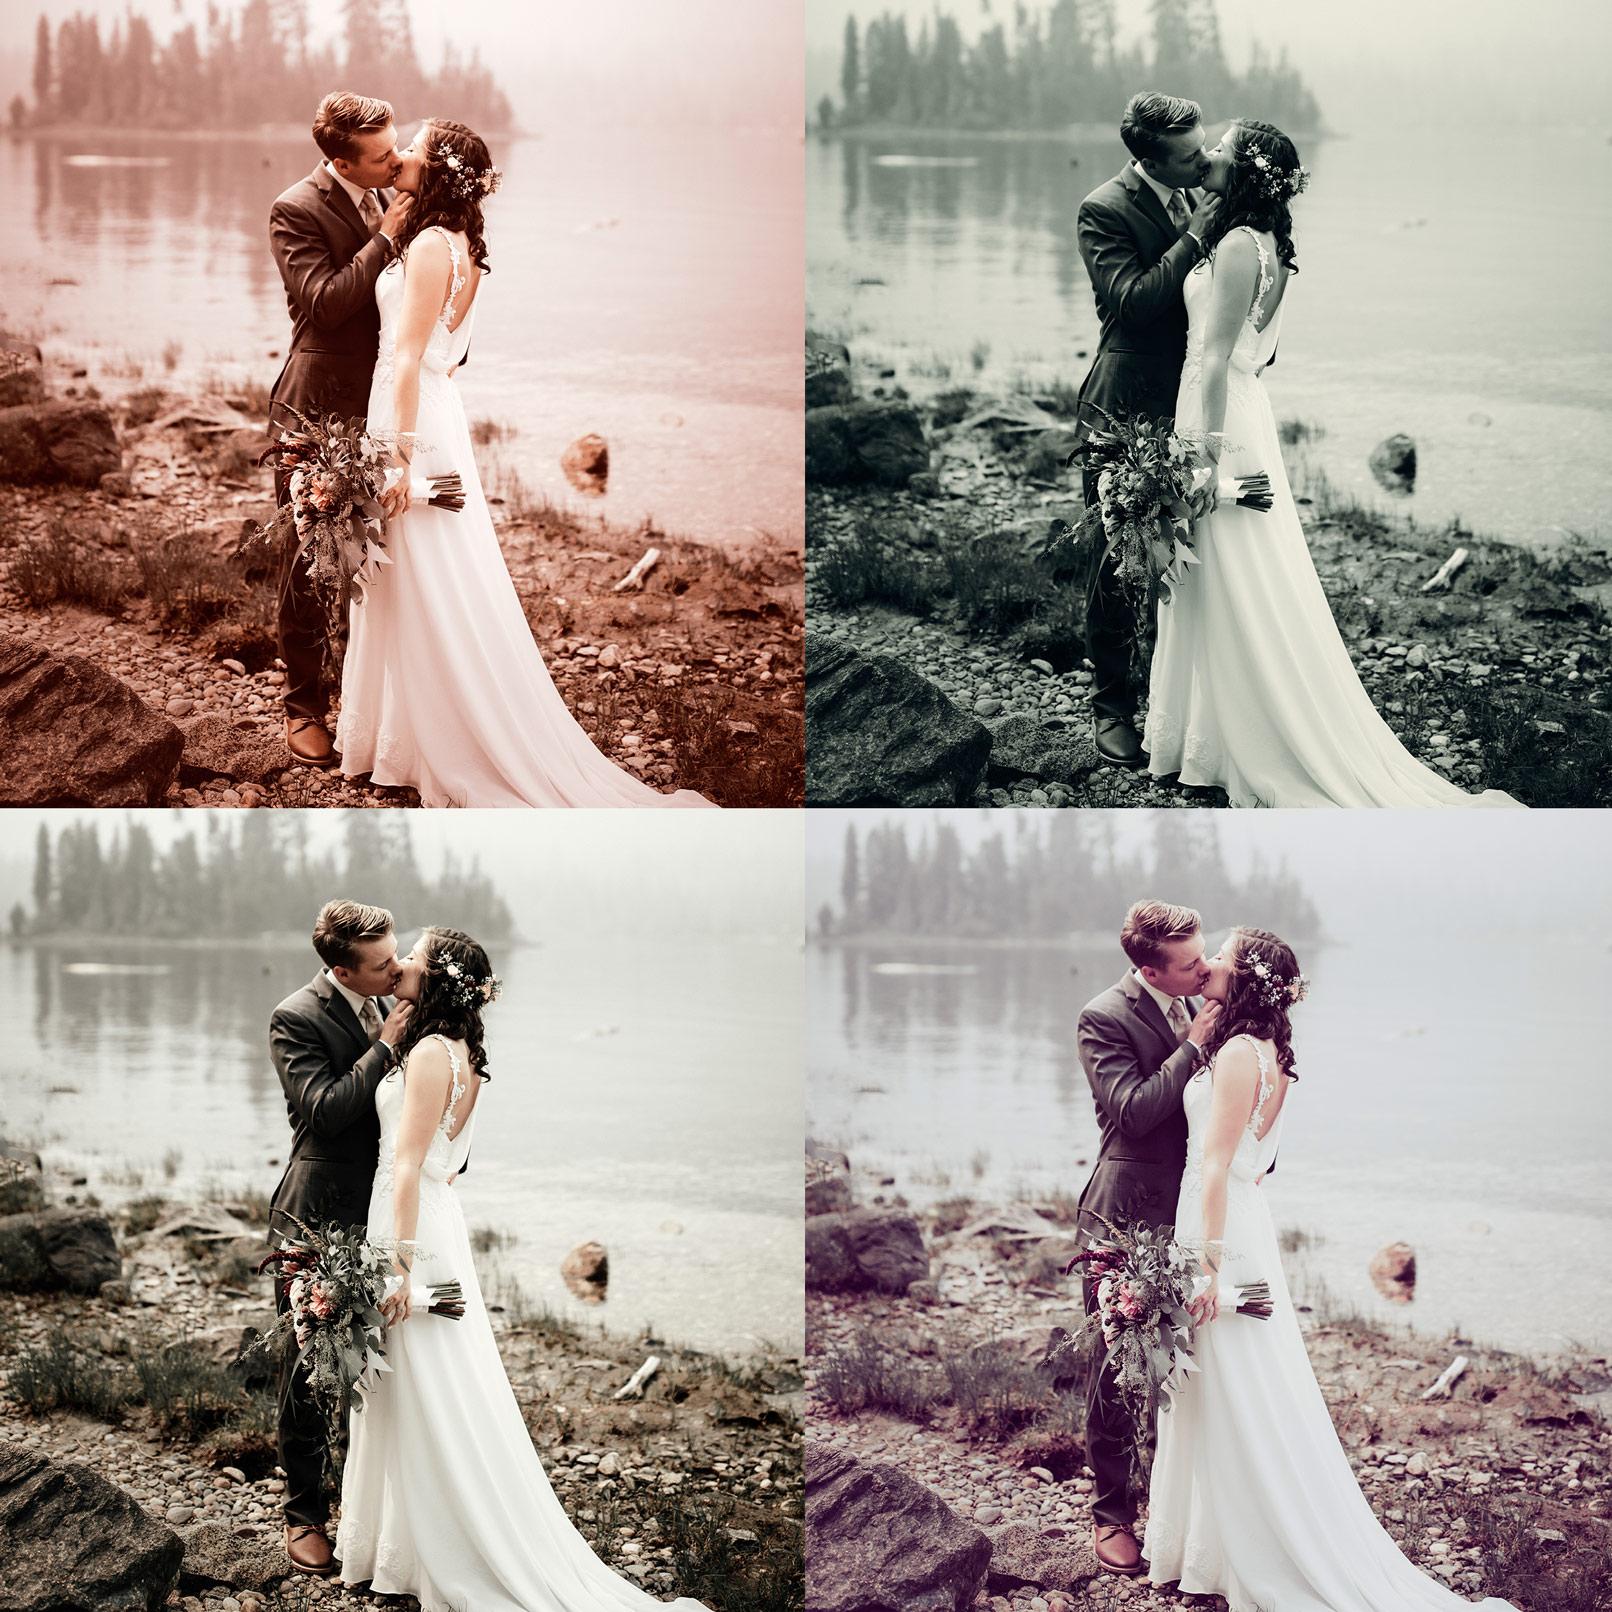 Beispielfotos zur Anwendung der Camera Raw- und Lightroom-Presets, die auf den gezeigten Instagram-Filtern basieren.